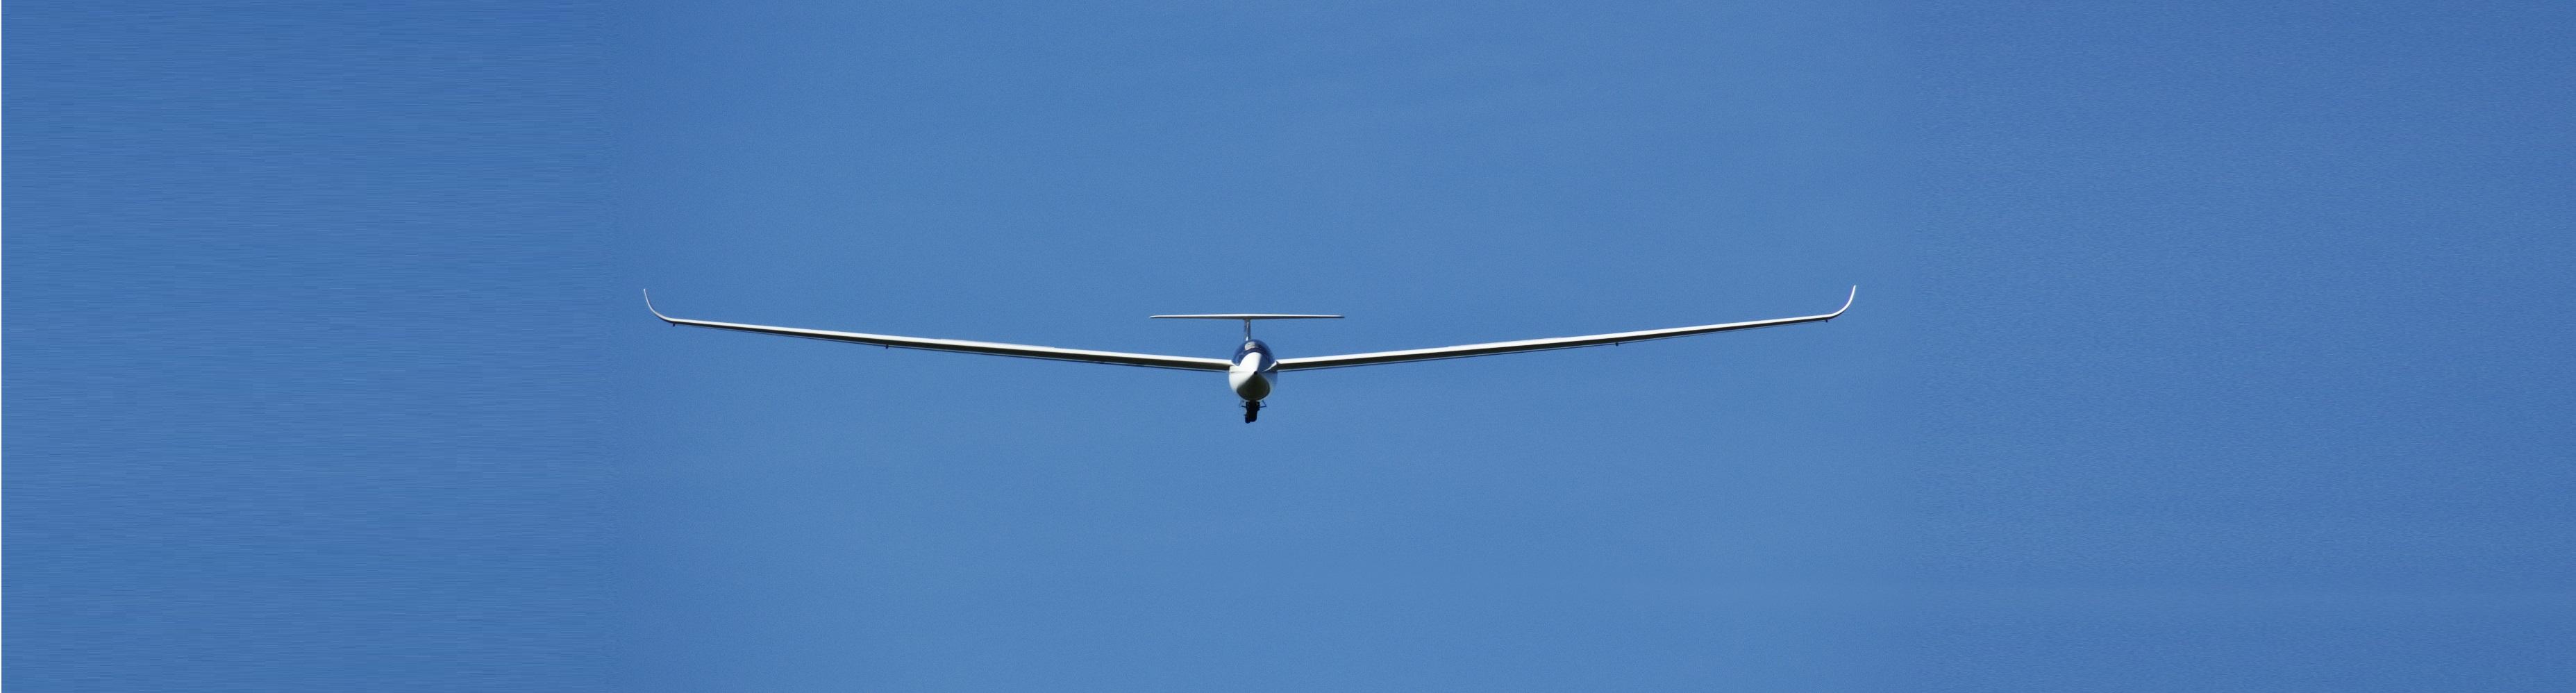 sailplane-872945-Kopie-klein